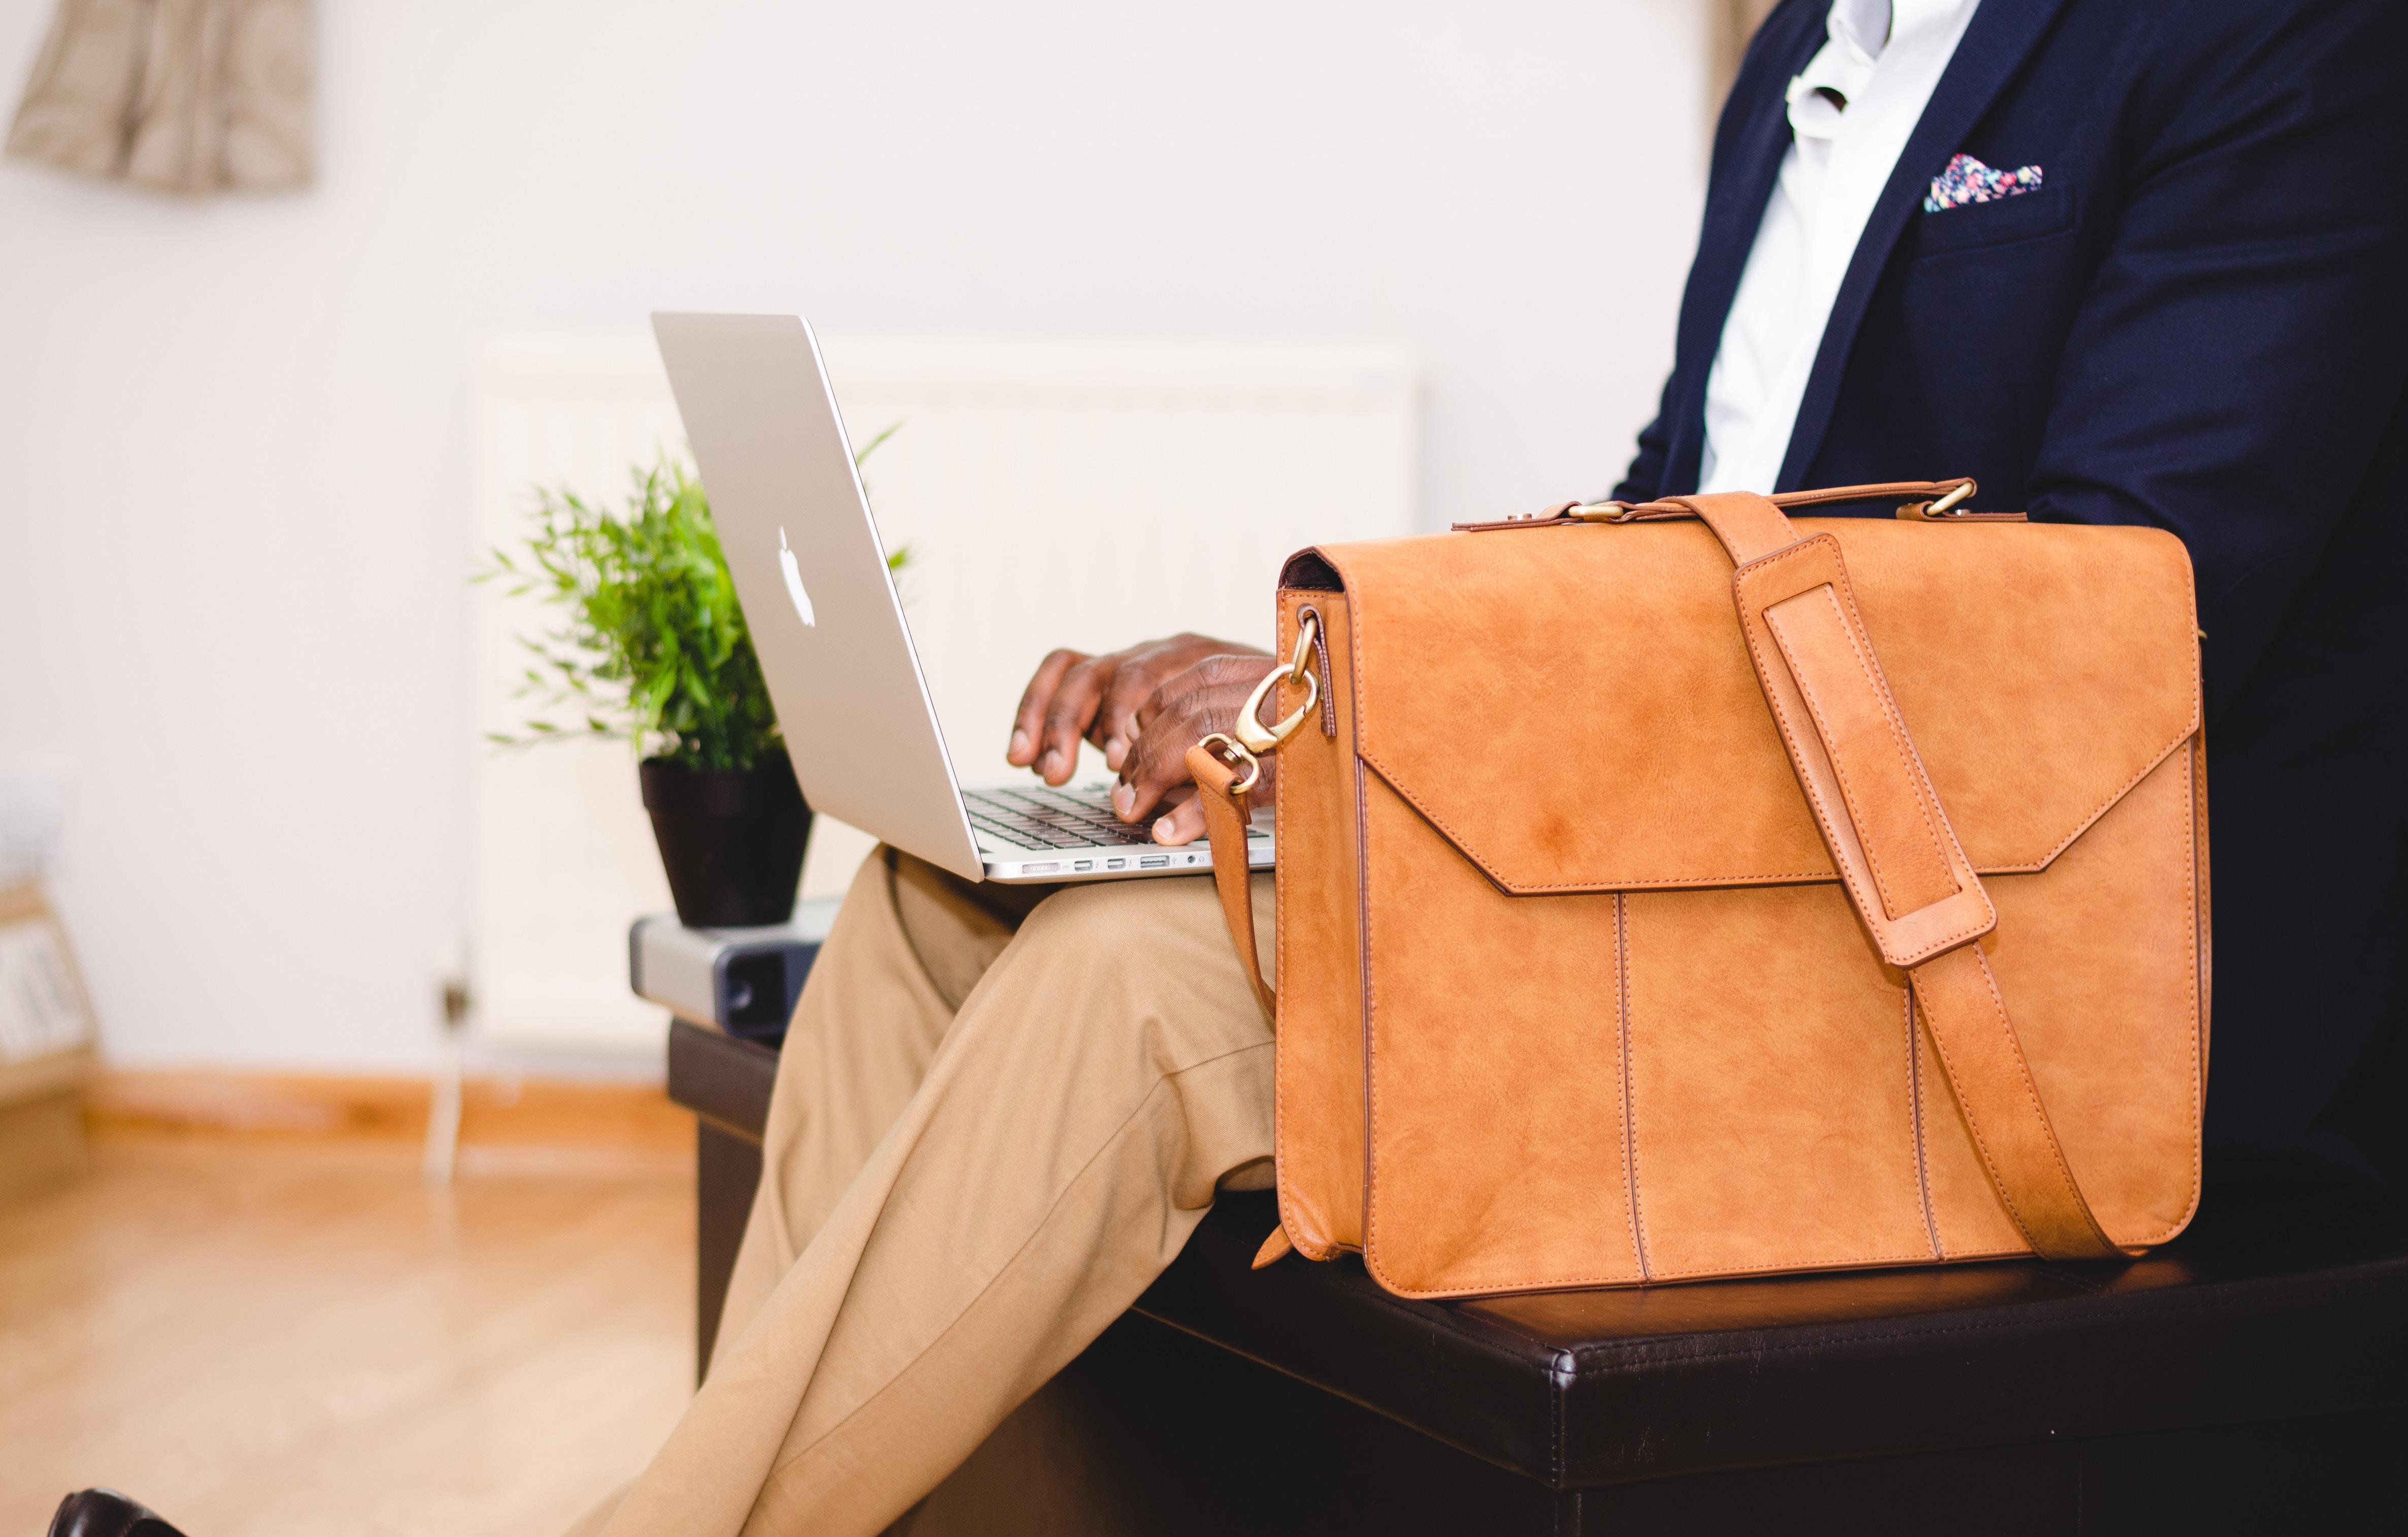 Pourquoi choisir un sac bandoulière eastpack plutôt qu'un sac à dos